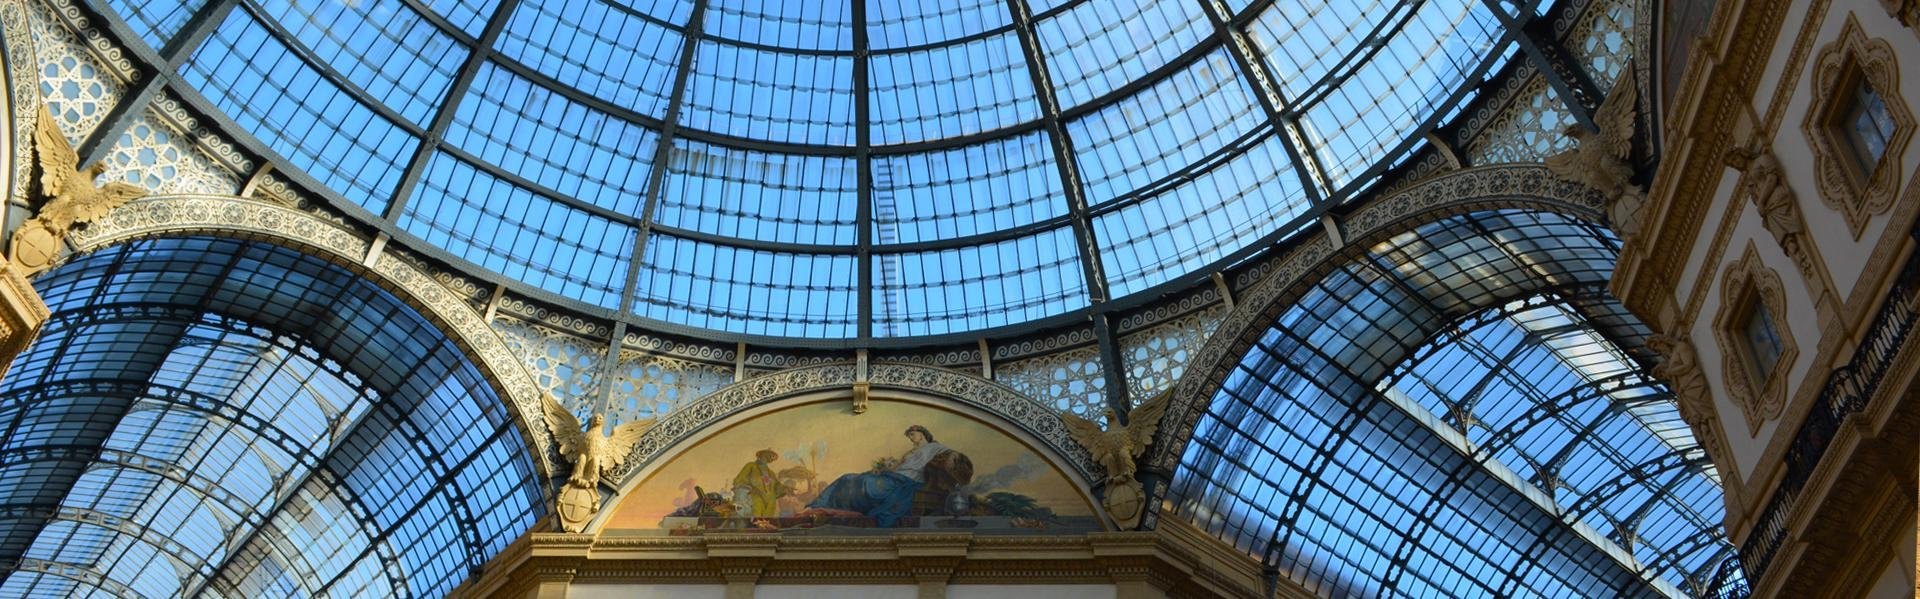 Galleria Vittorio Emanuele in Milaan, Italië